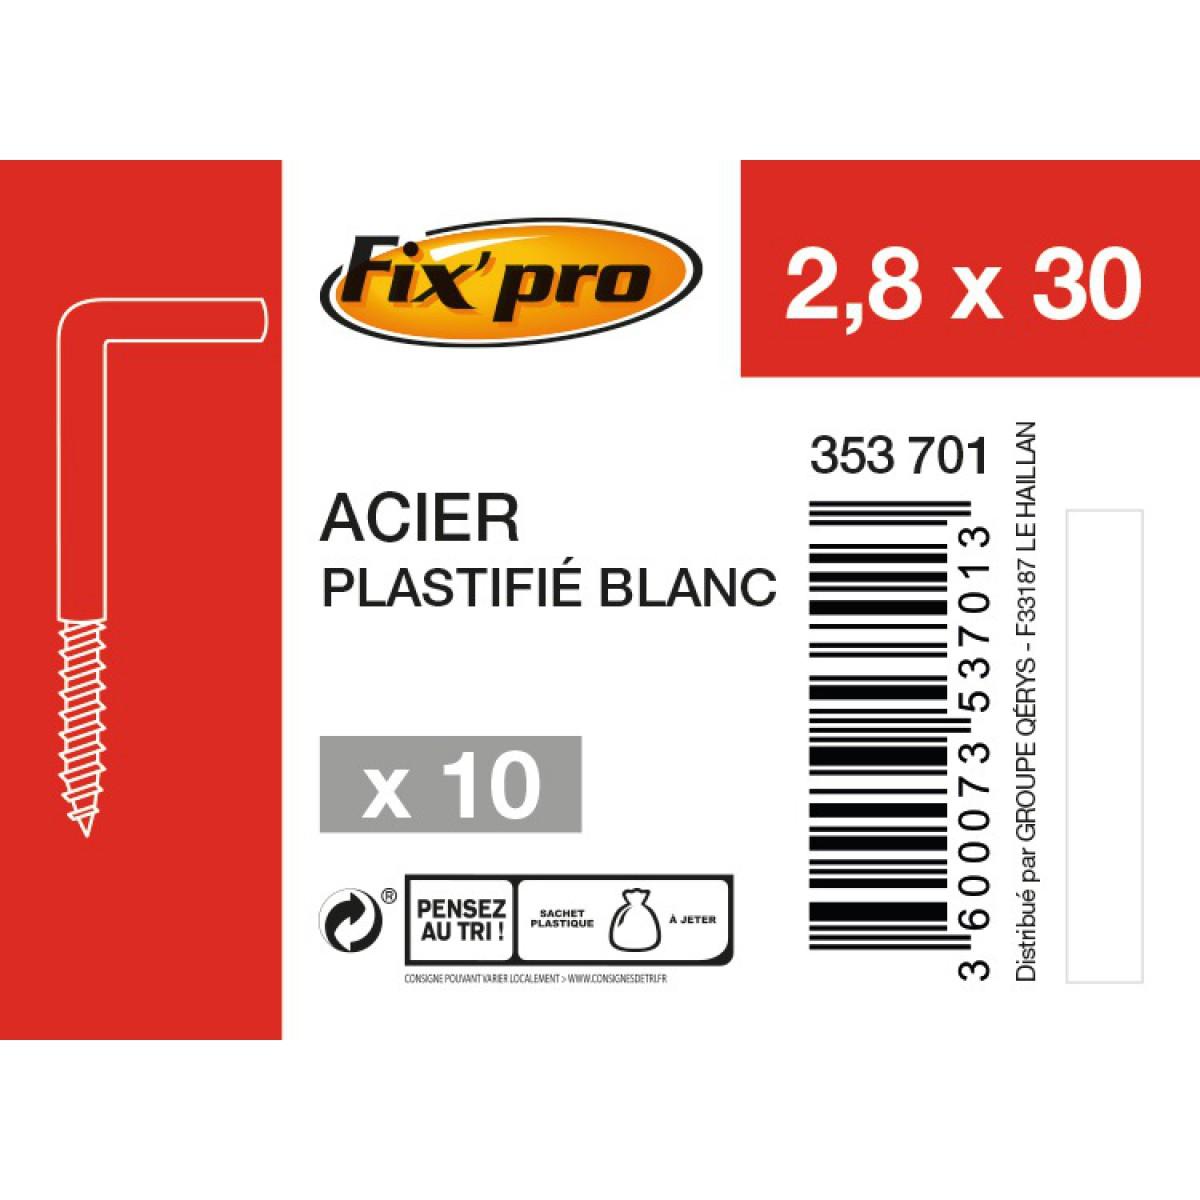 Gond à vis acier plastifié blanc - 2,8x30 - 10 pces - Fixpro